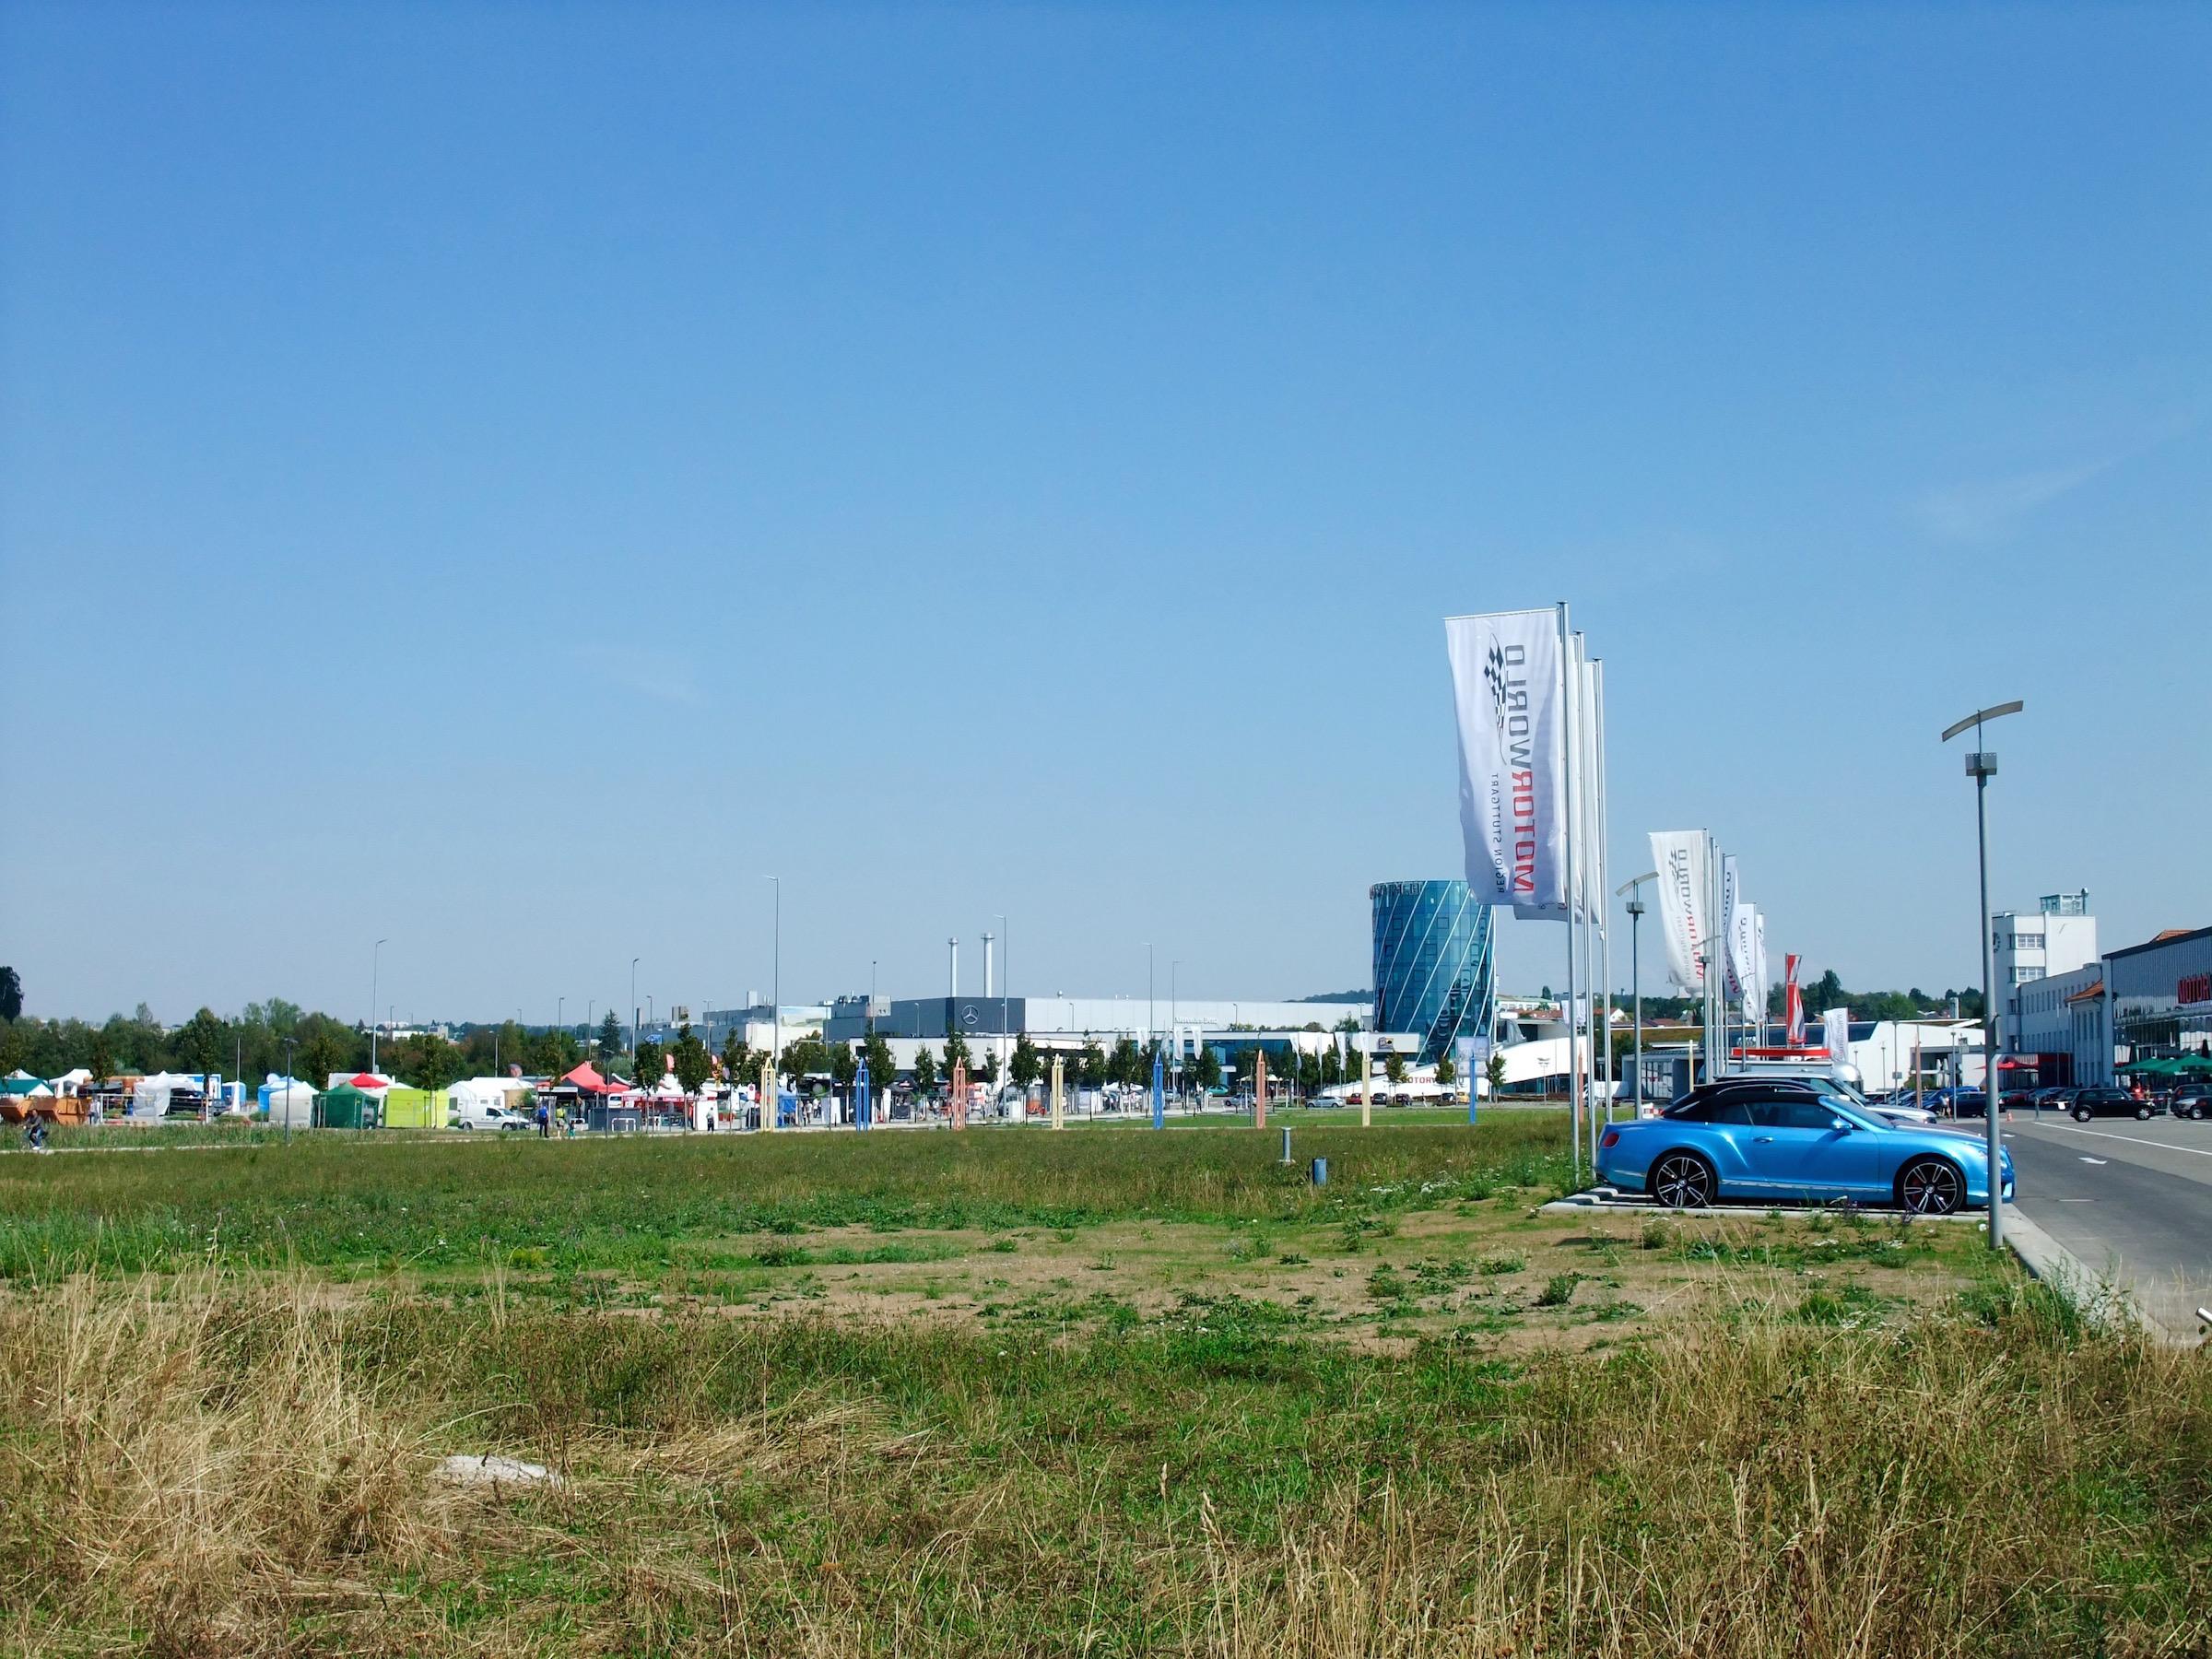 The airfield at  Böblingen